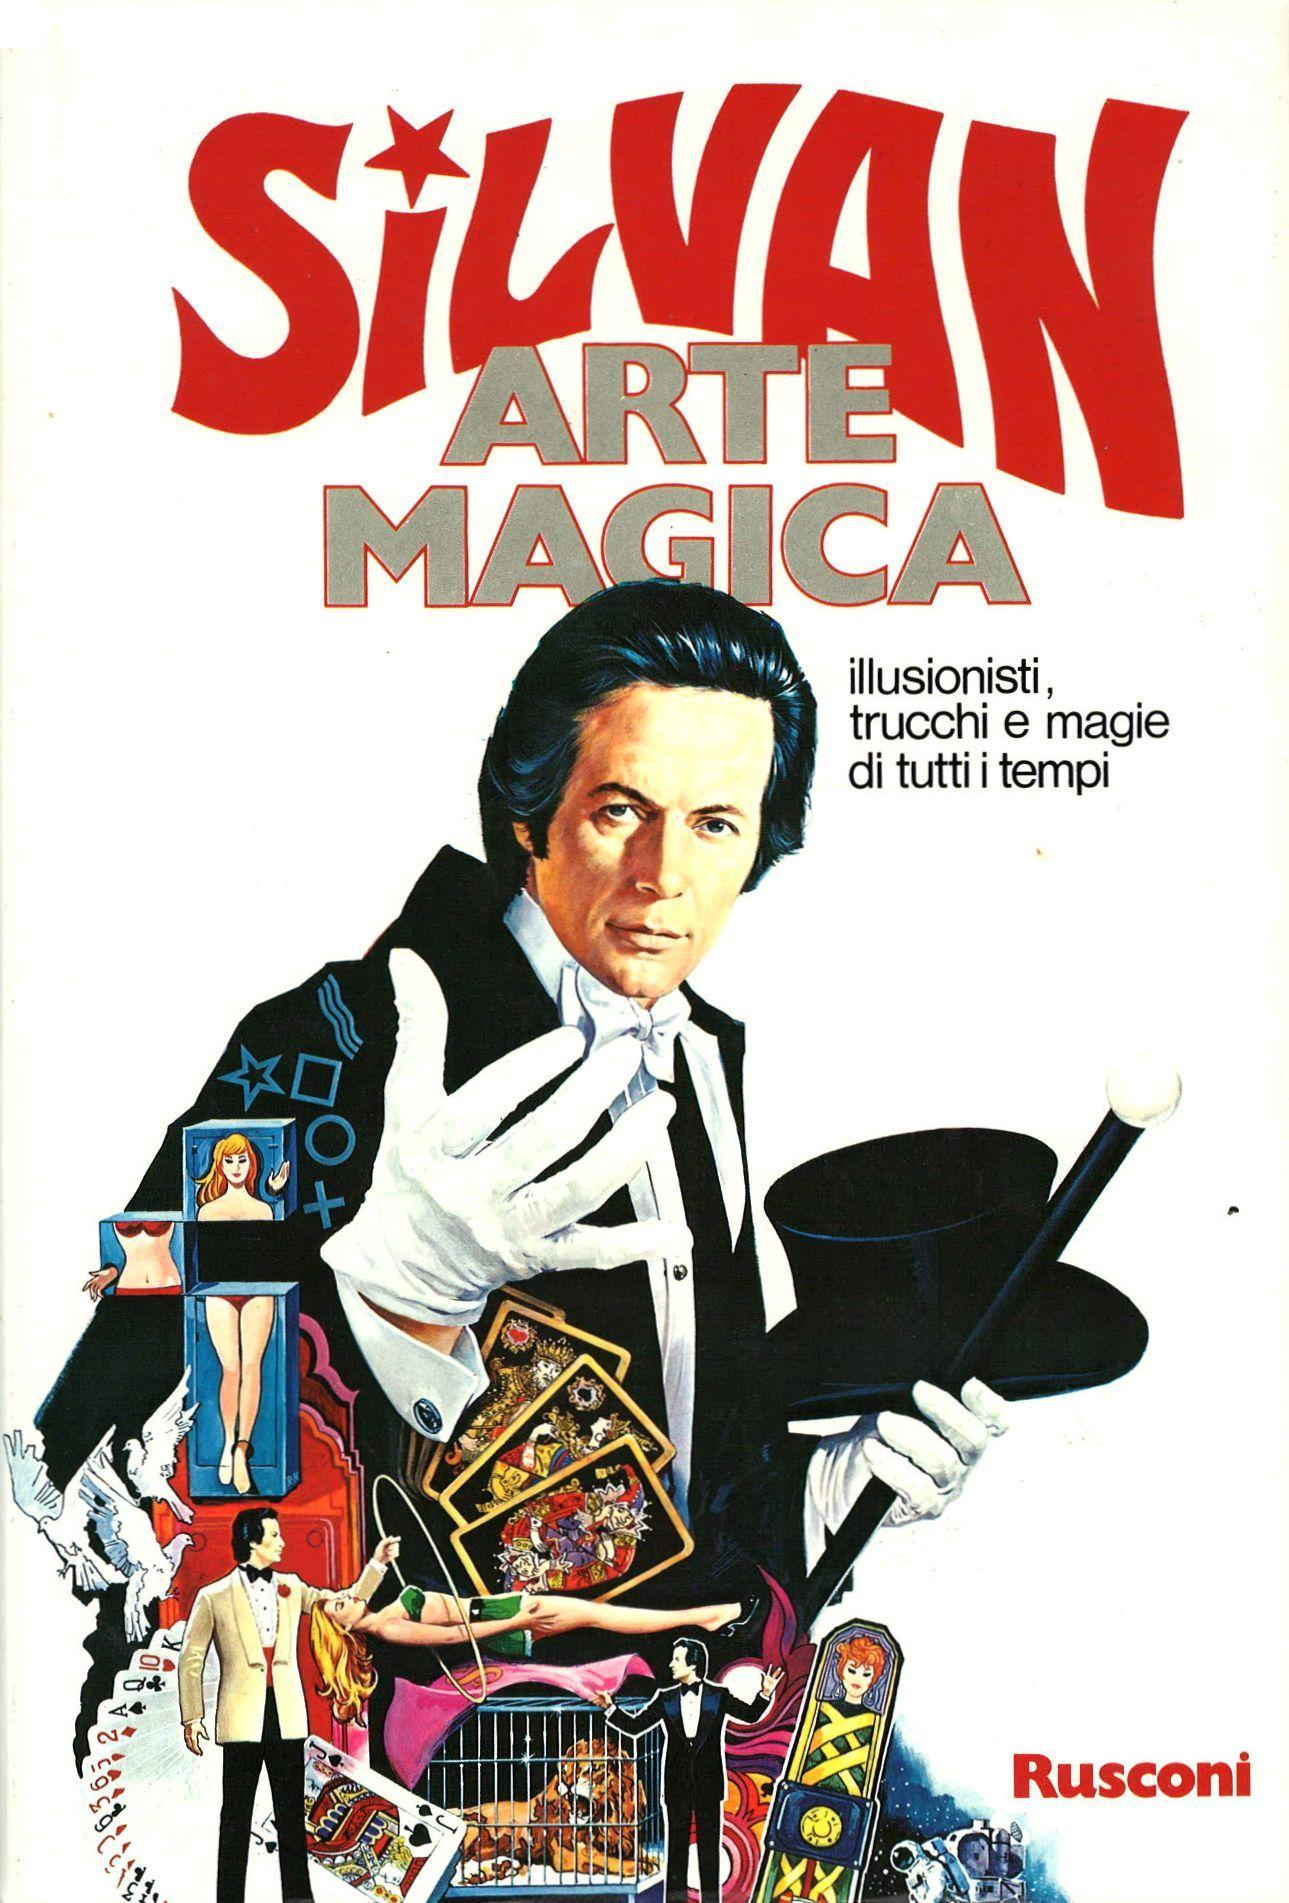 """…su eBay c'è """"Arte Magica"""" di Silvan a 75 euro"""